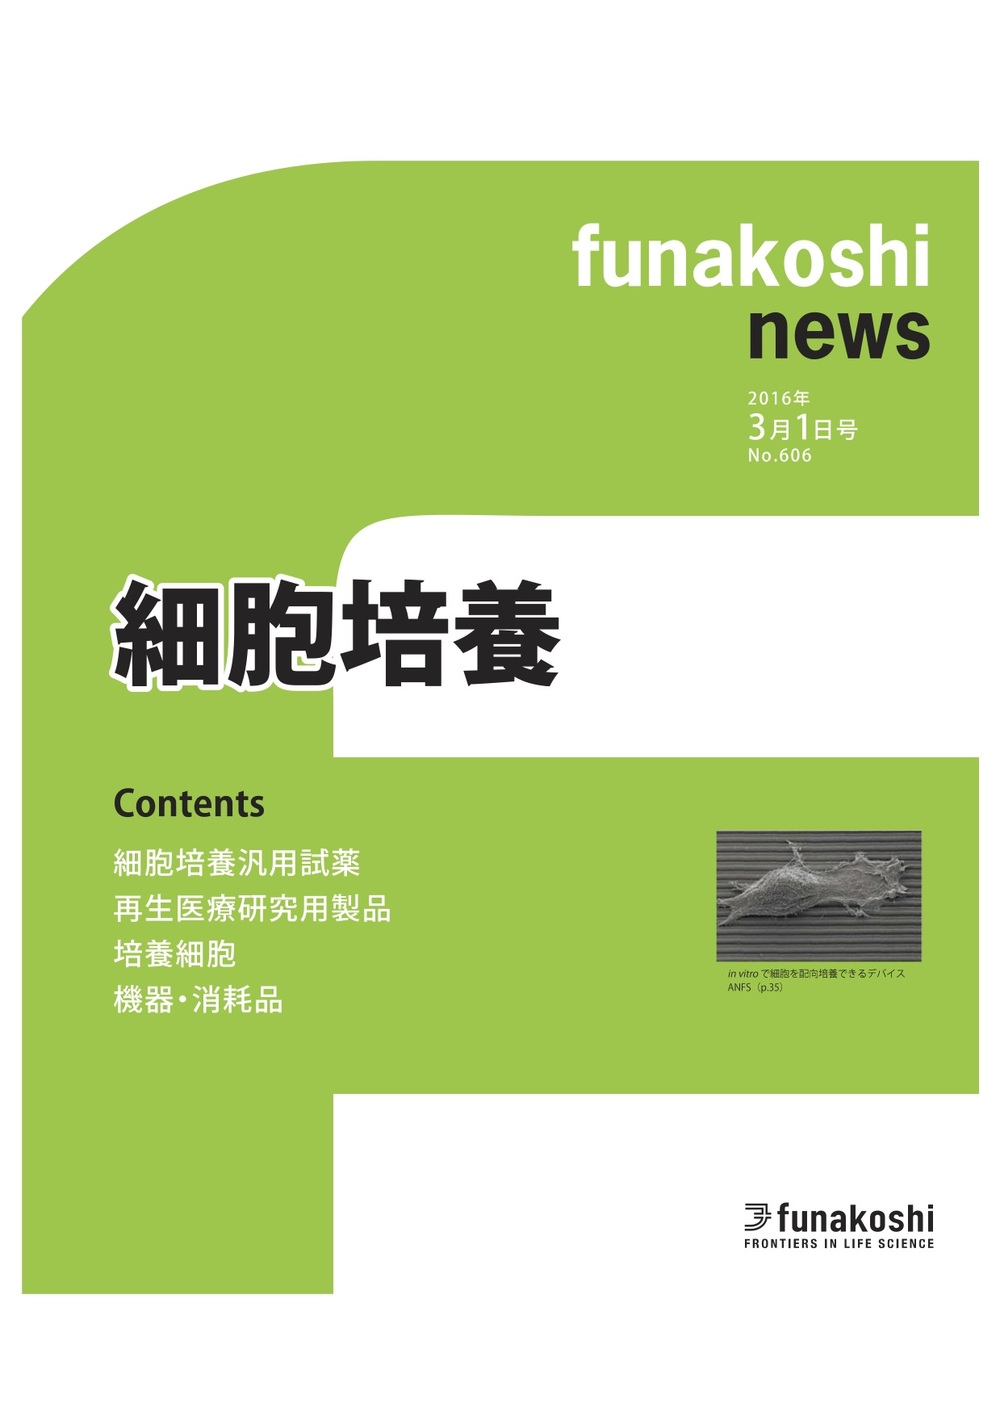 Funakoshi Ad 2.jpg